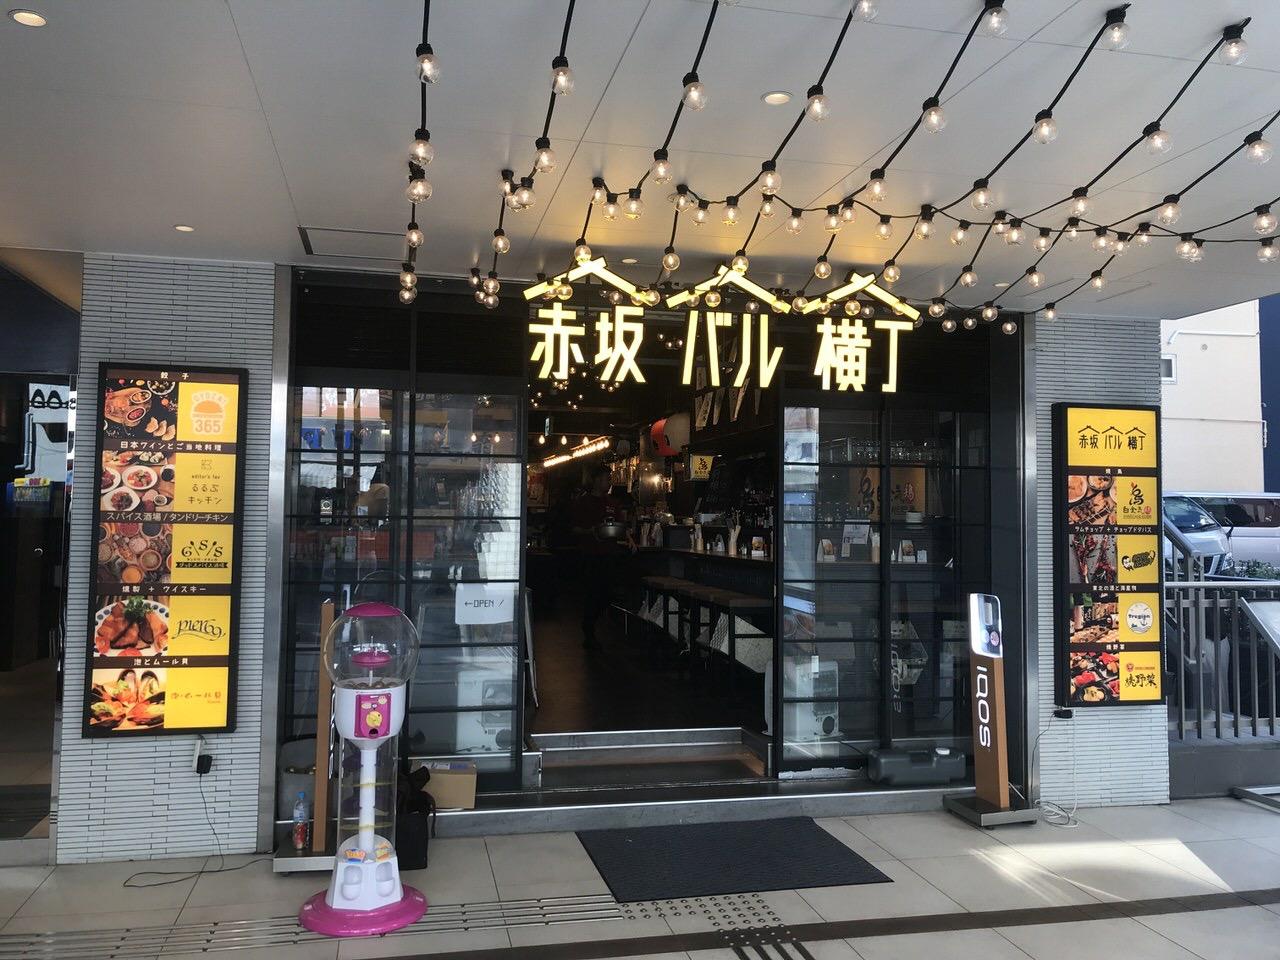 赤坂バル横丁「グッドスパイスカレー」